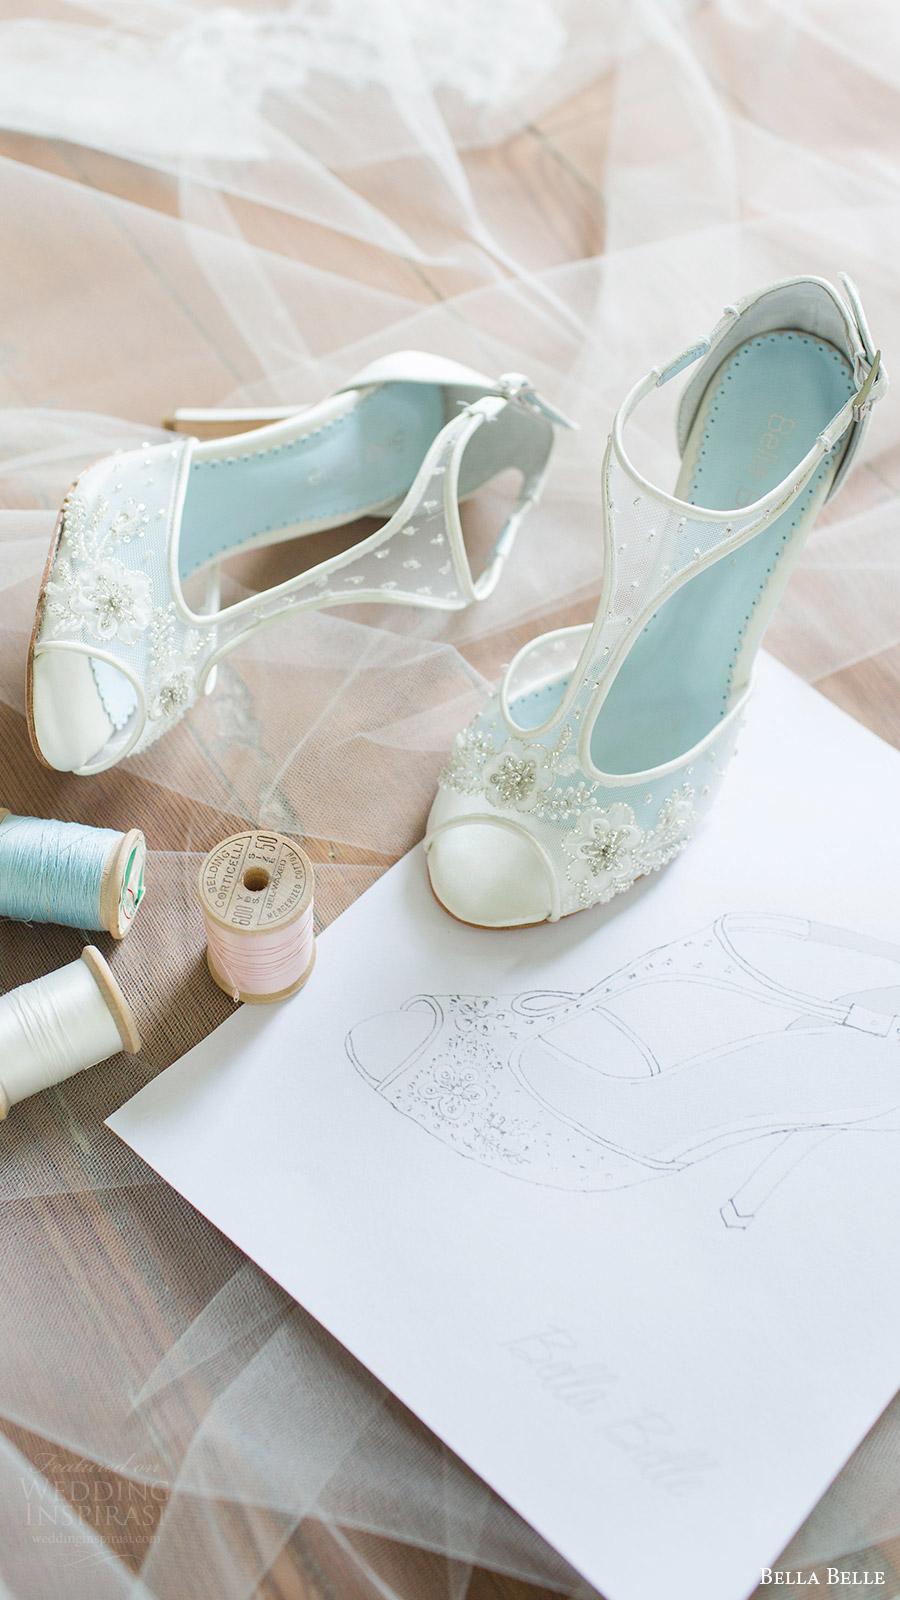 bella belle zapatos de novia 2016 paloma tacones peep toe t correa